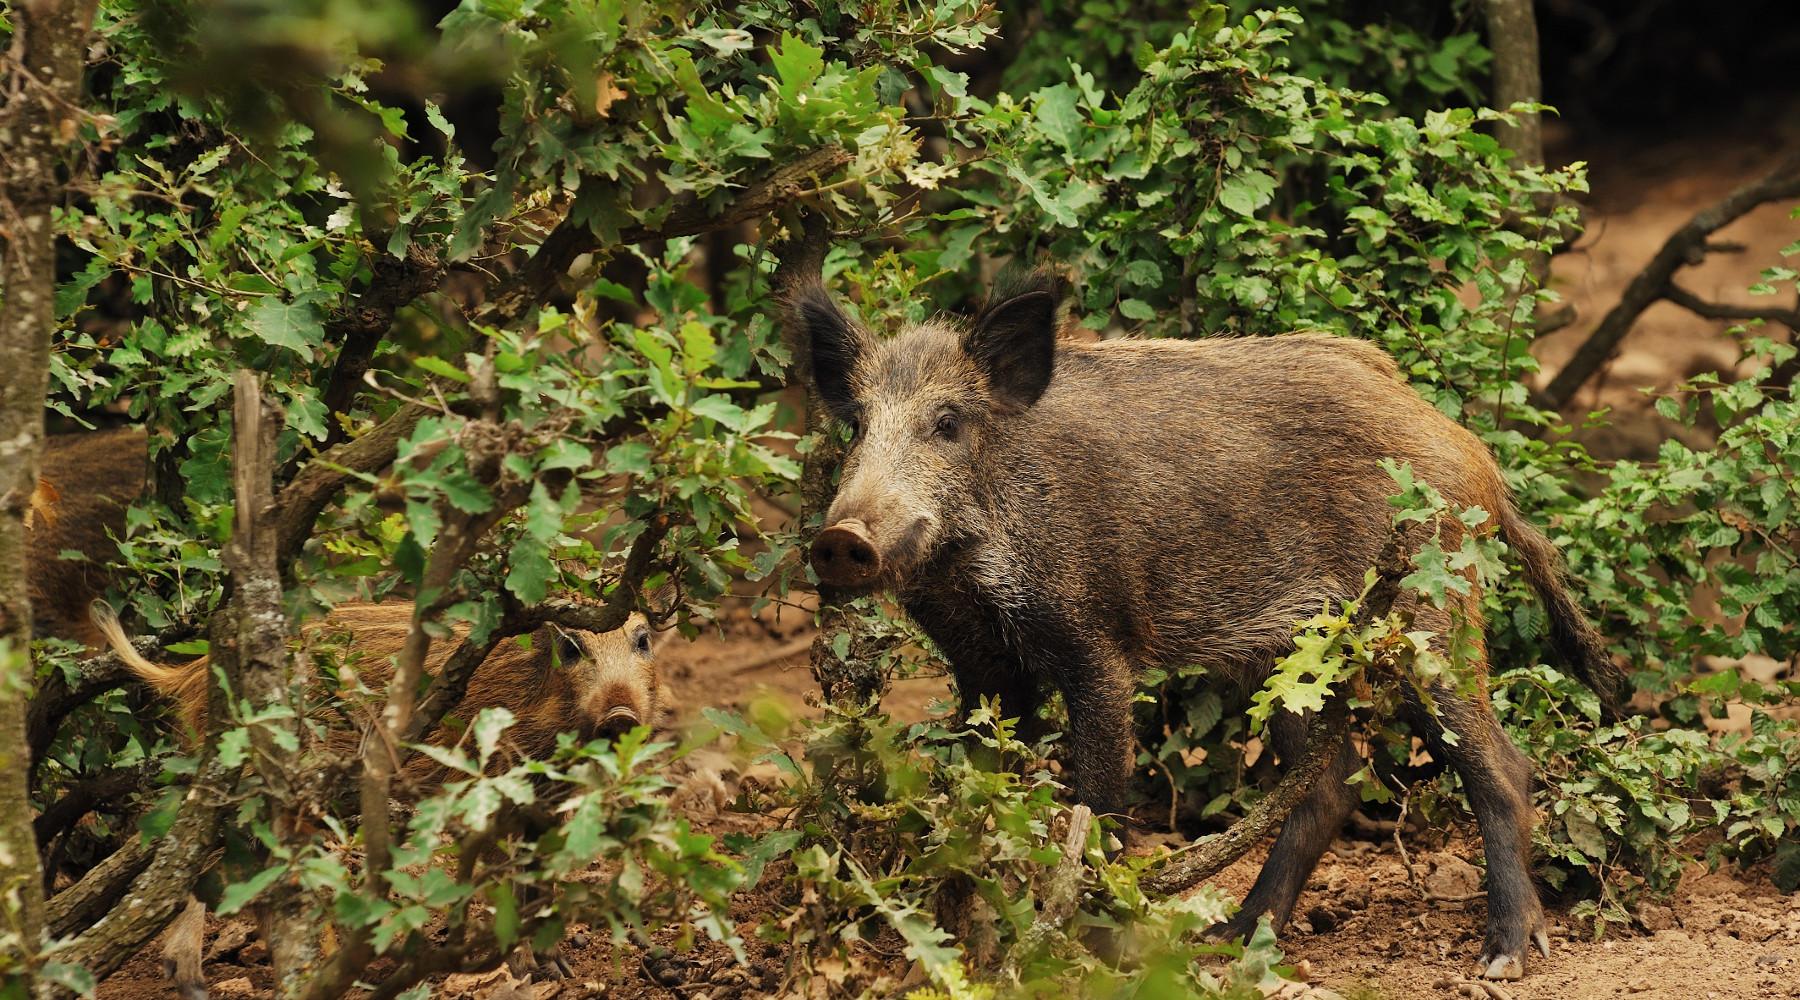 Cacciatori e controllo faunistico: cinghiale nel bosco